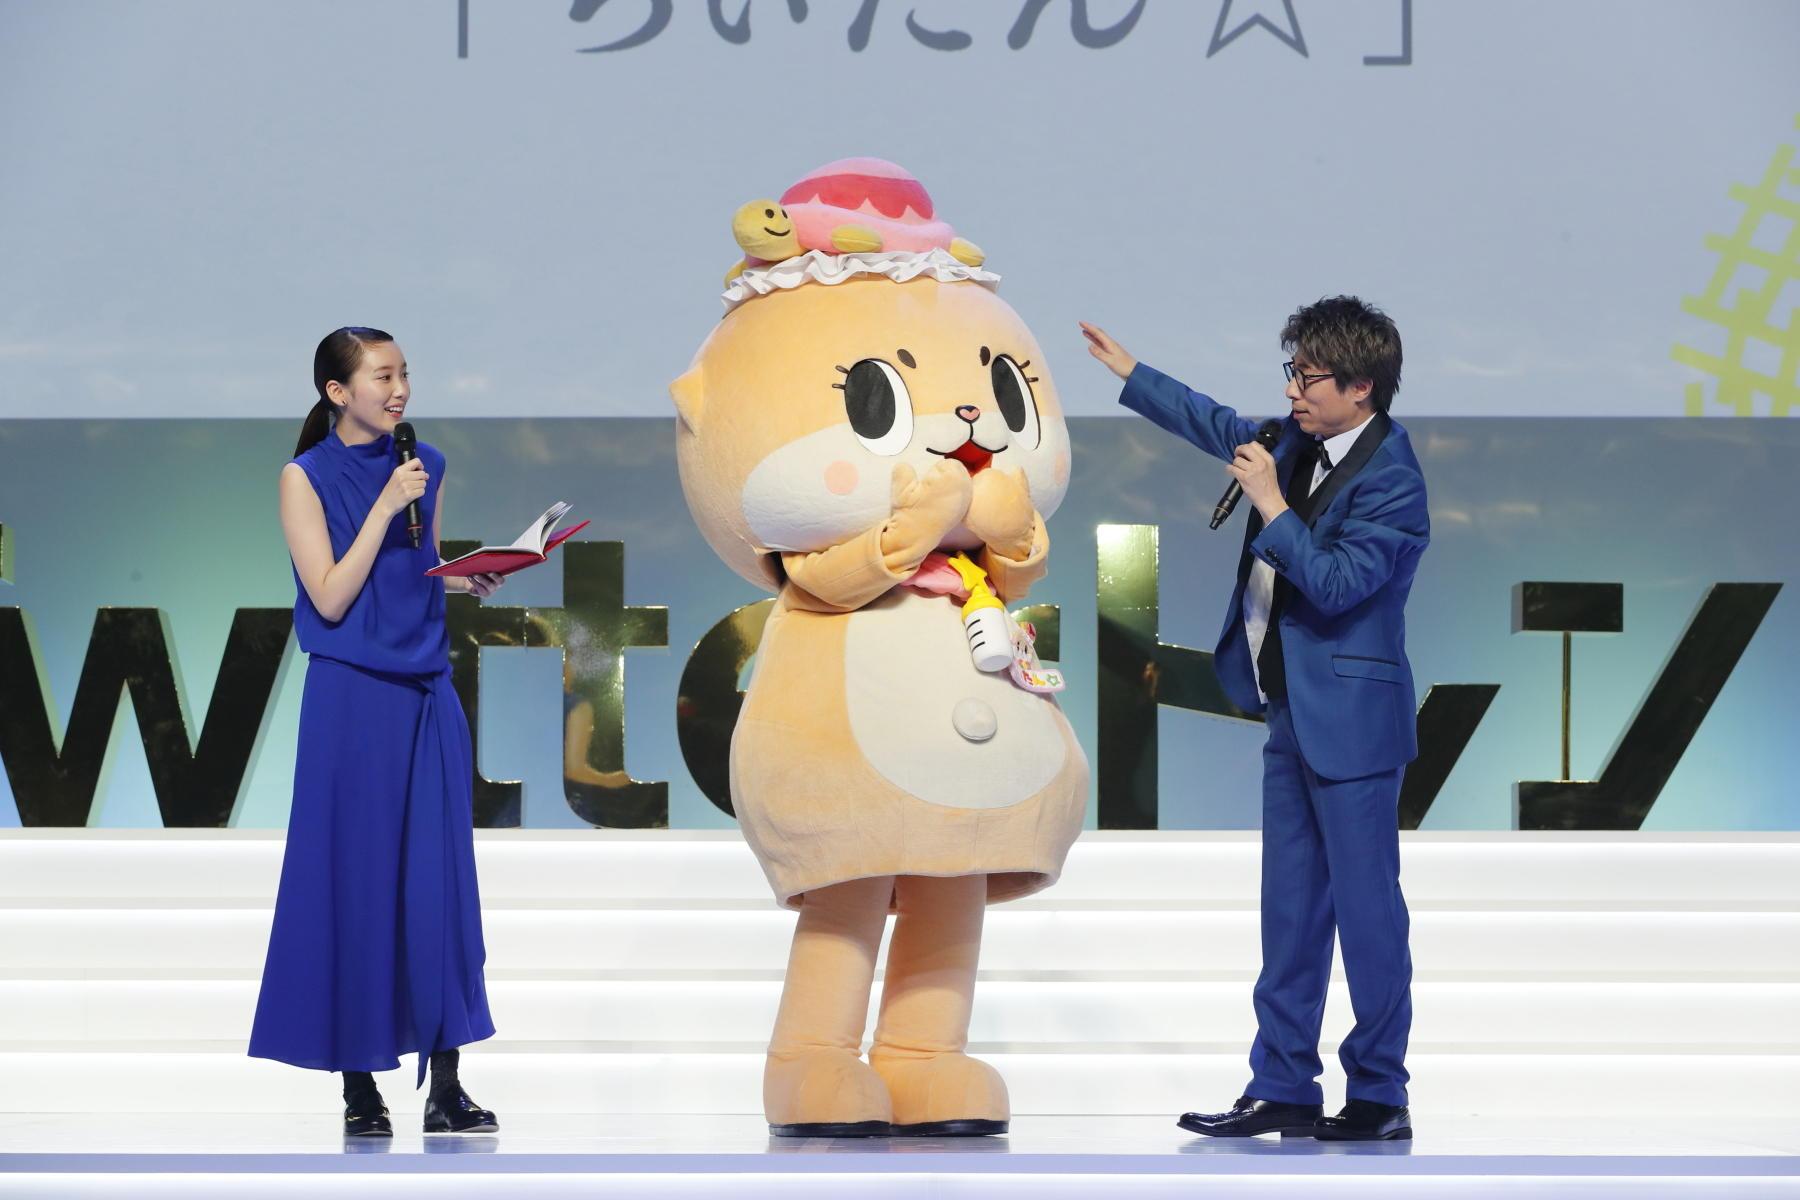 http://news.yoshimoto.co.jp/20190122013716-e91daa095ed63a315a738d5ca03a5103361d2fd4.jpg